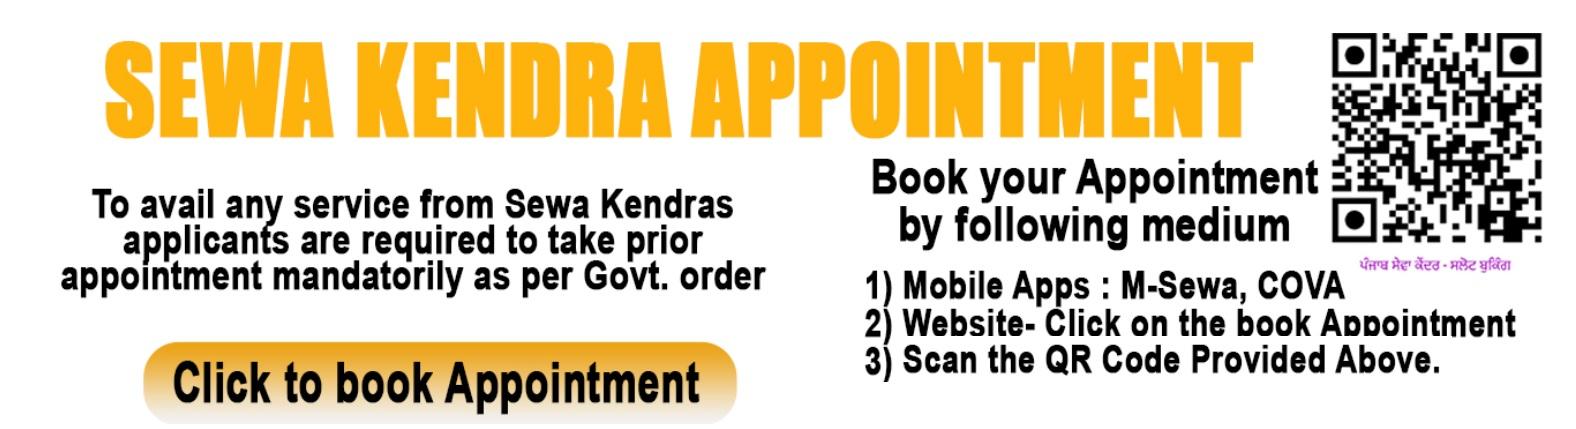 Appointement Sewa Kendra